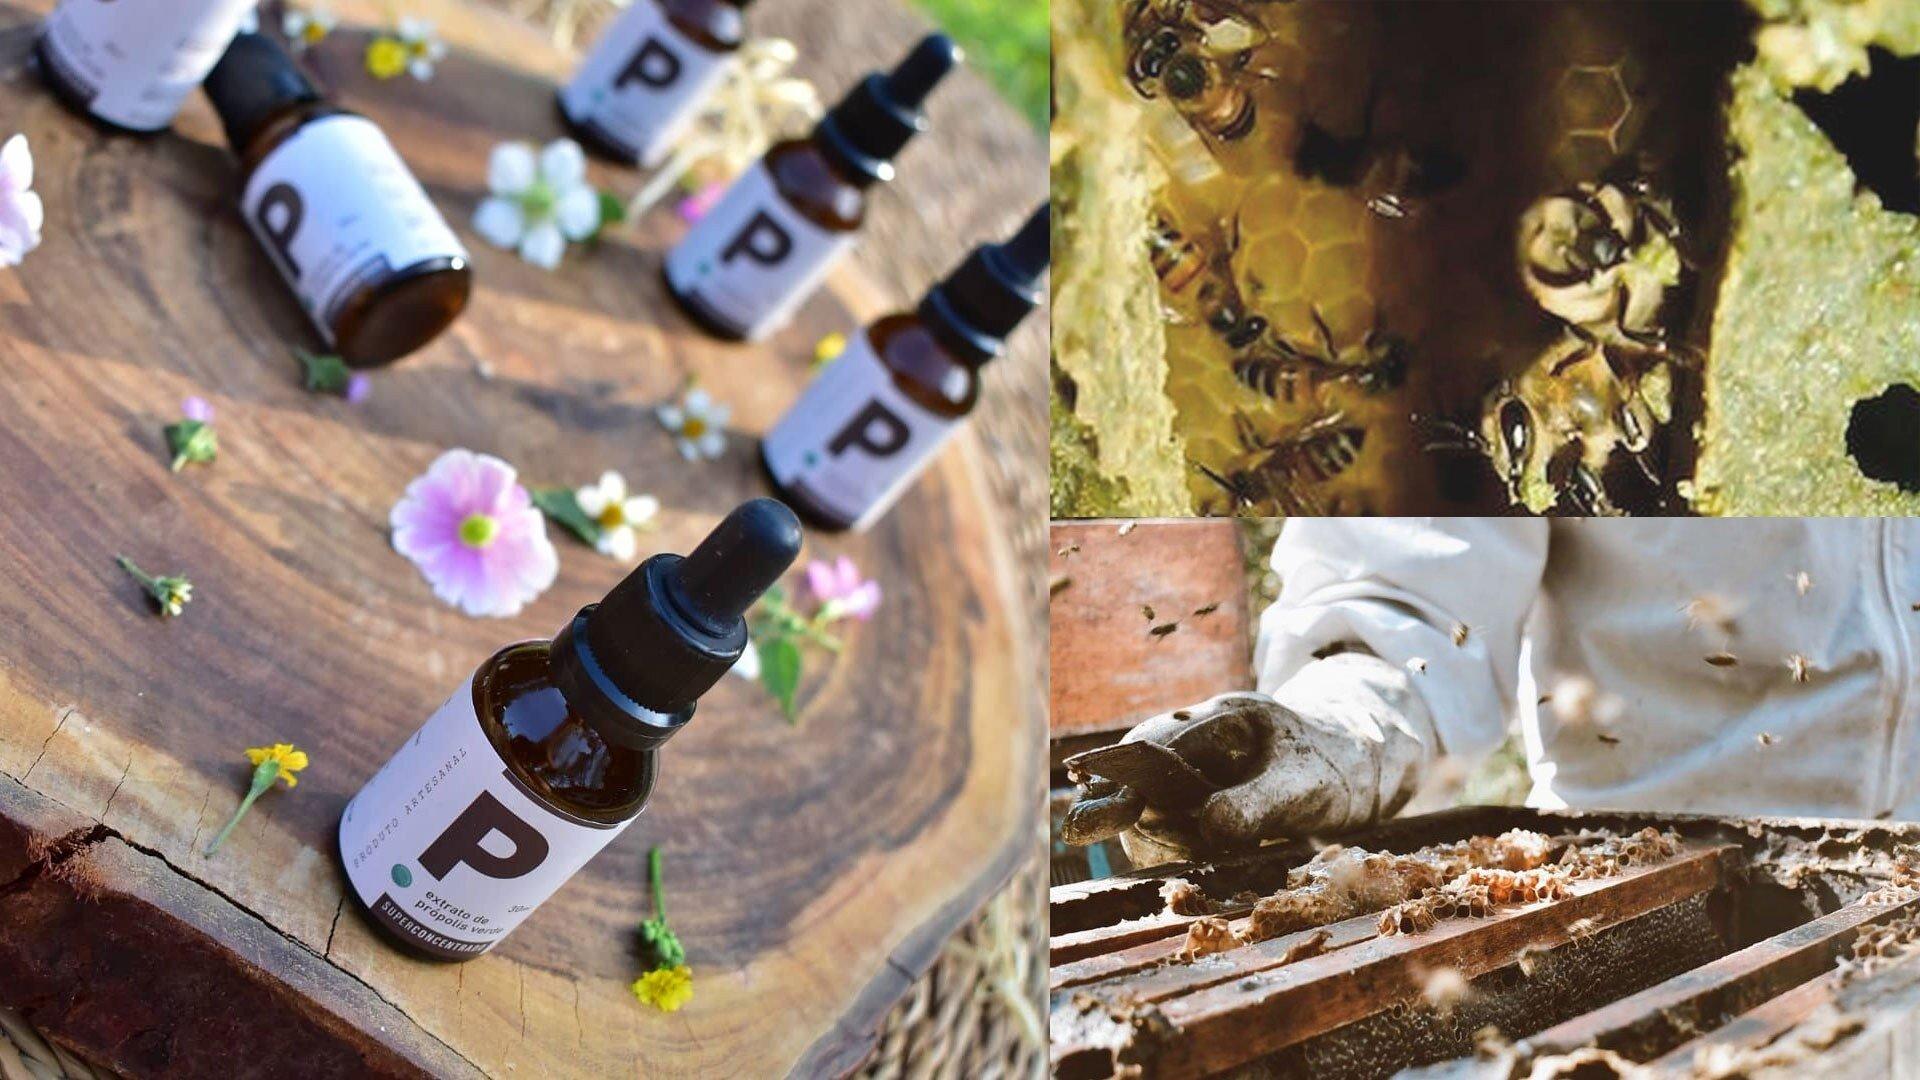 propolis - beneficios - o que é - saude - flavonoides - radicais livres - onde comprar